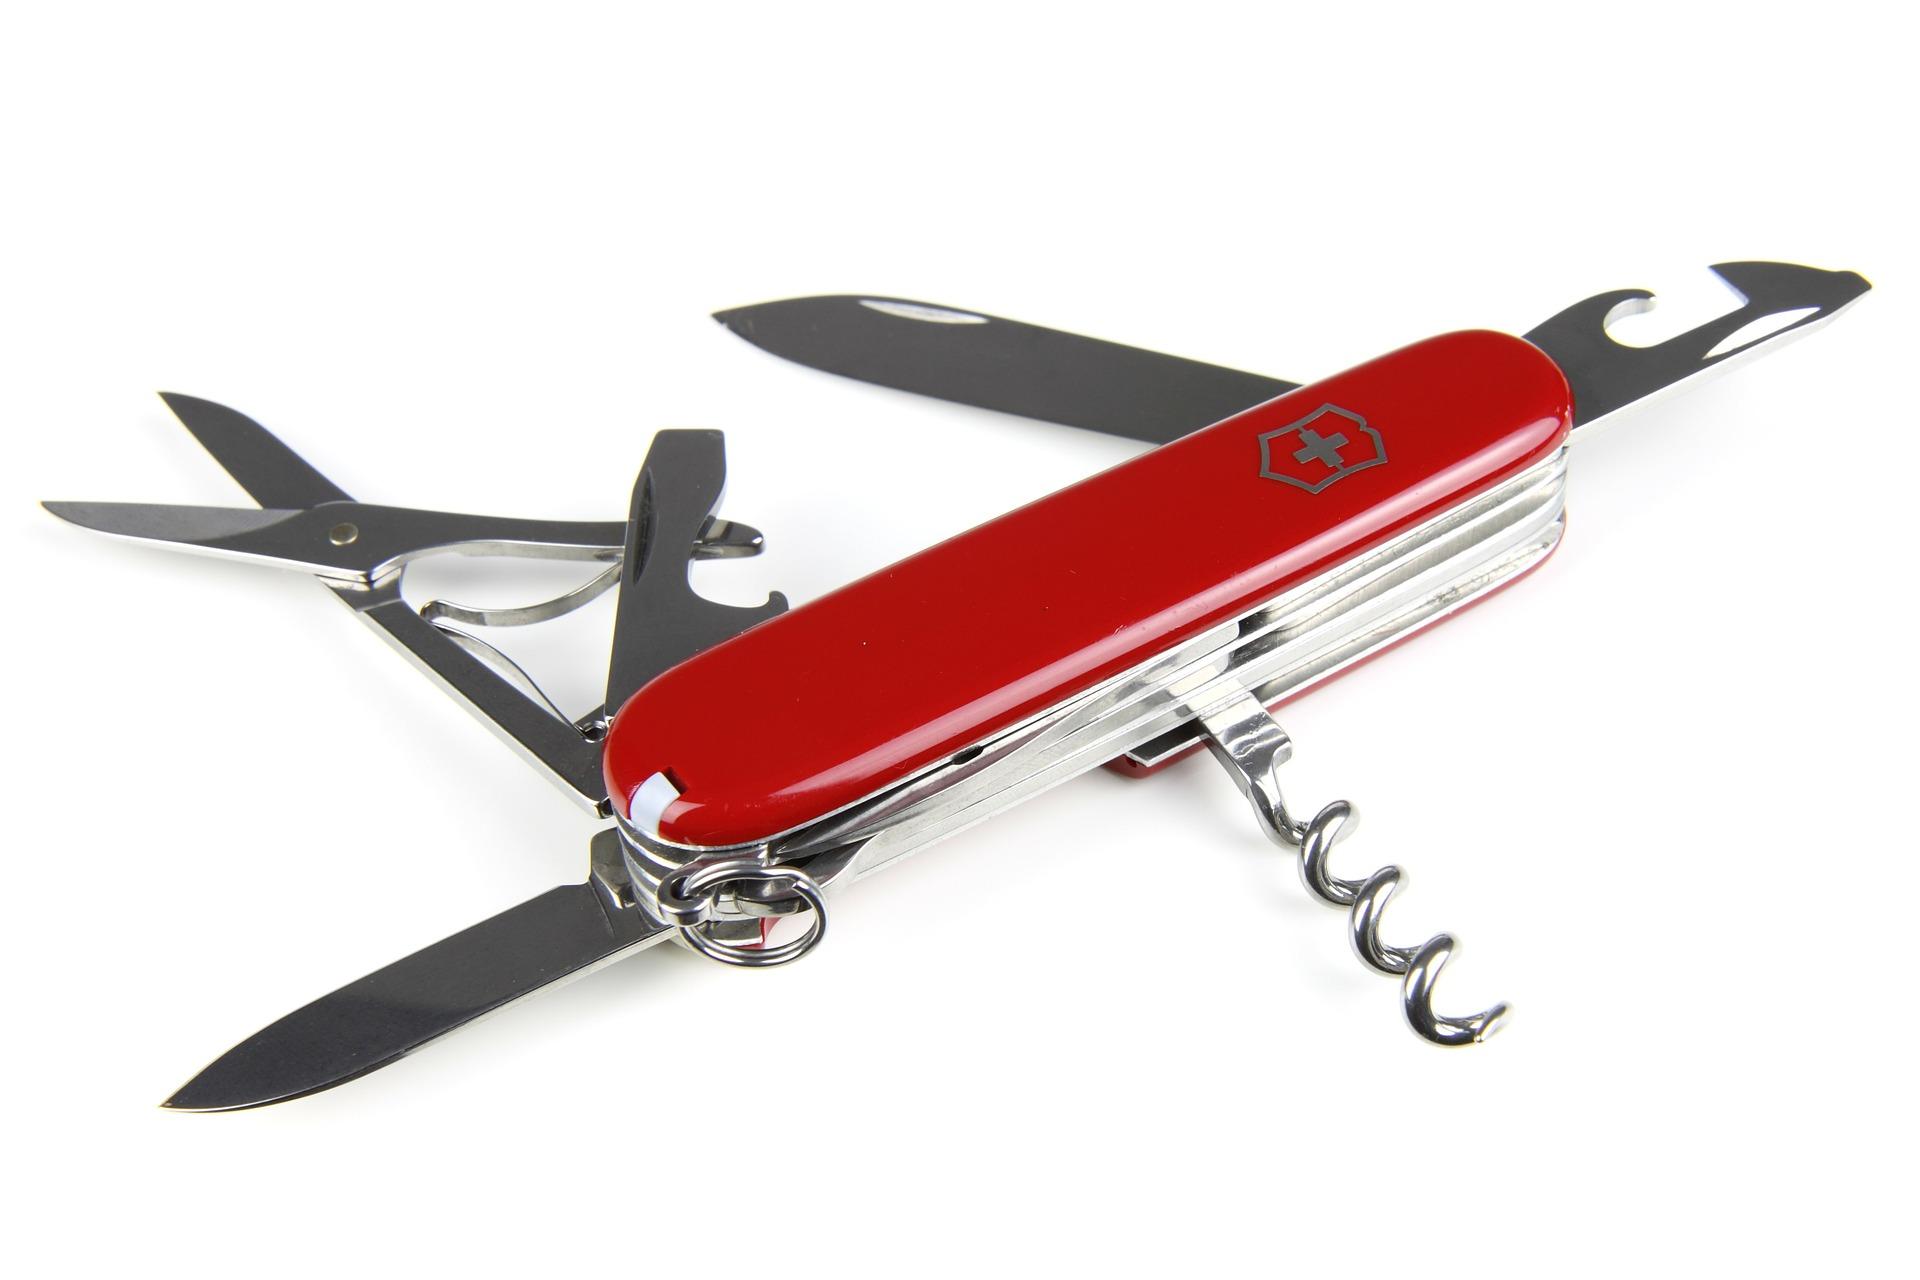 Le couteau suisse, un cadeau qui sort de l'ordinaire